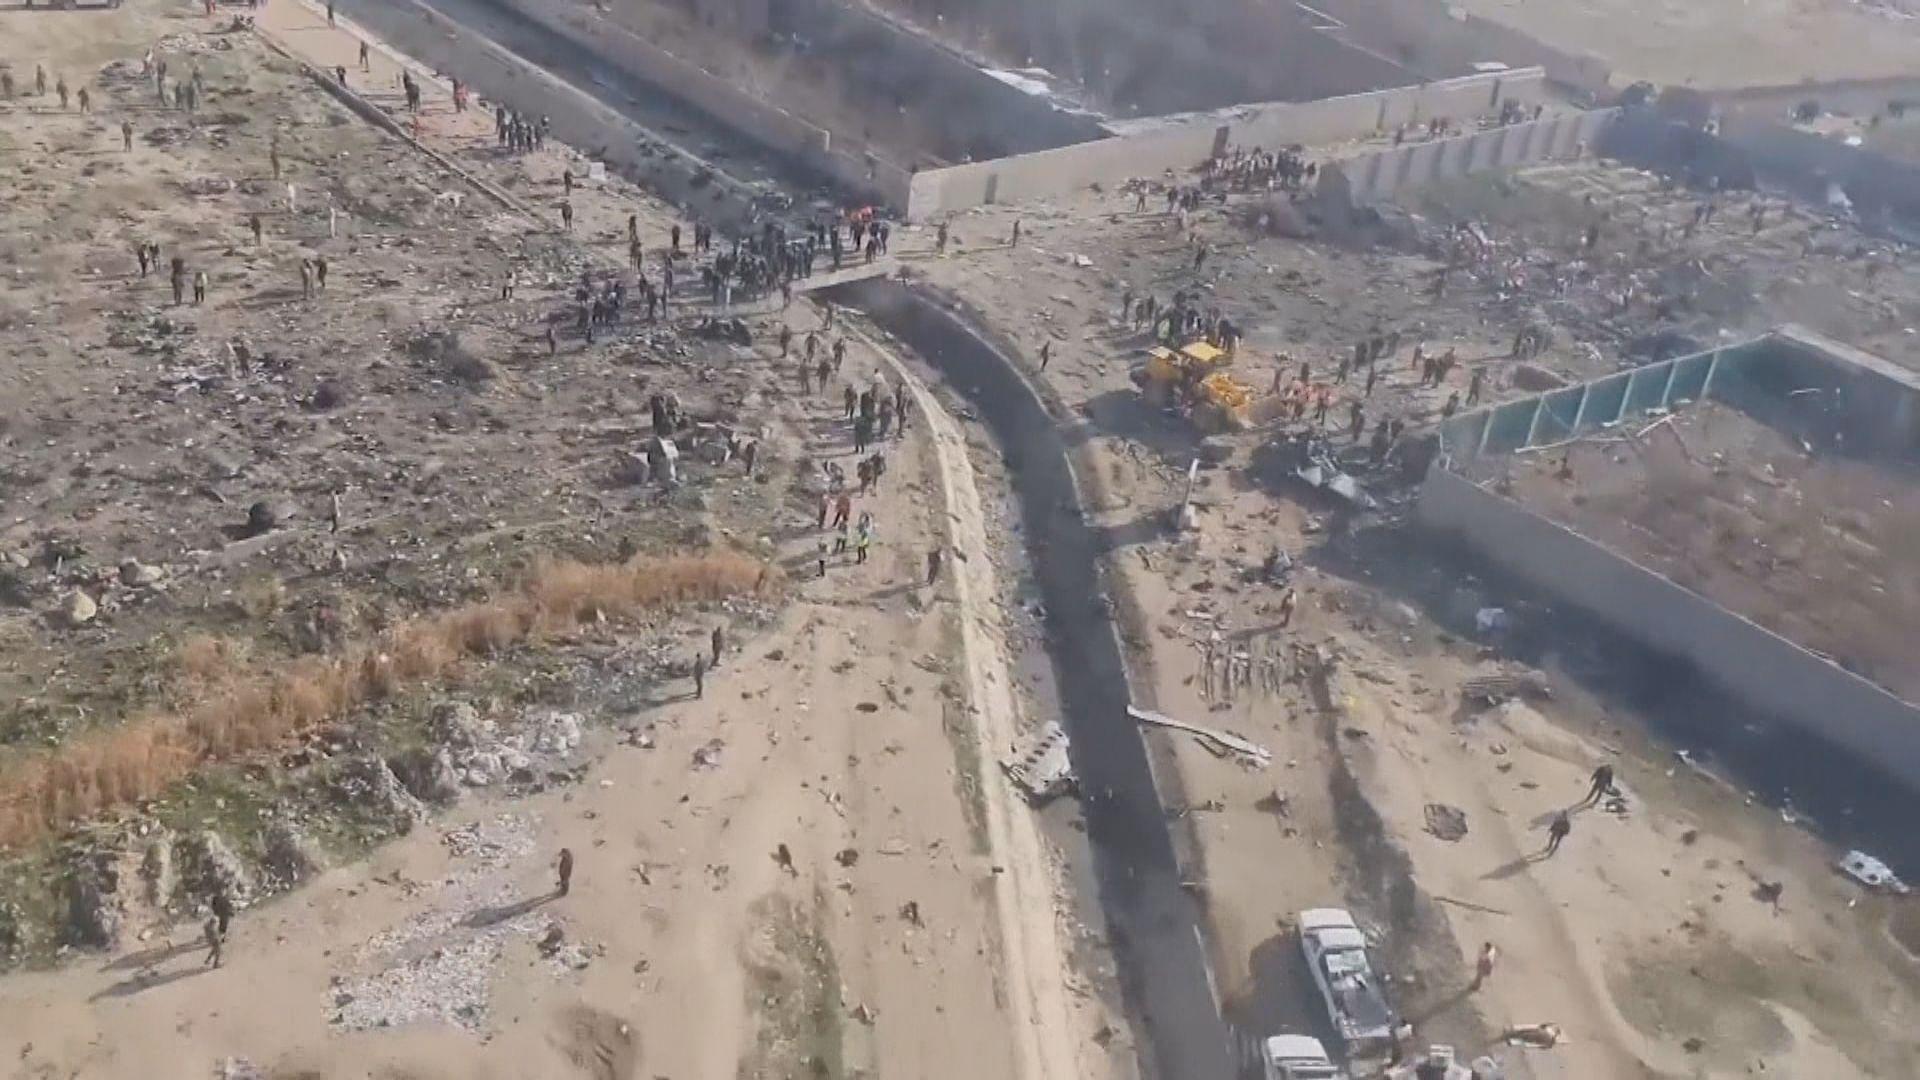 伊朗承認人為錯誤擊落烏克蘭客機